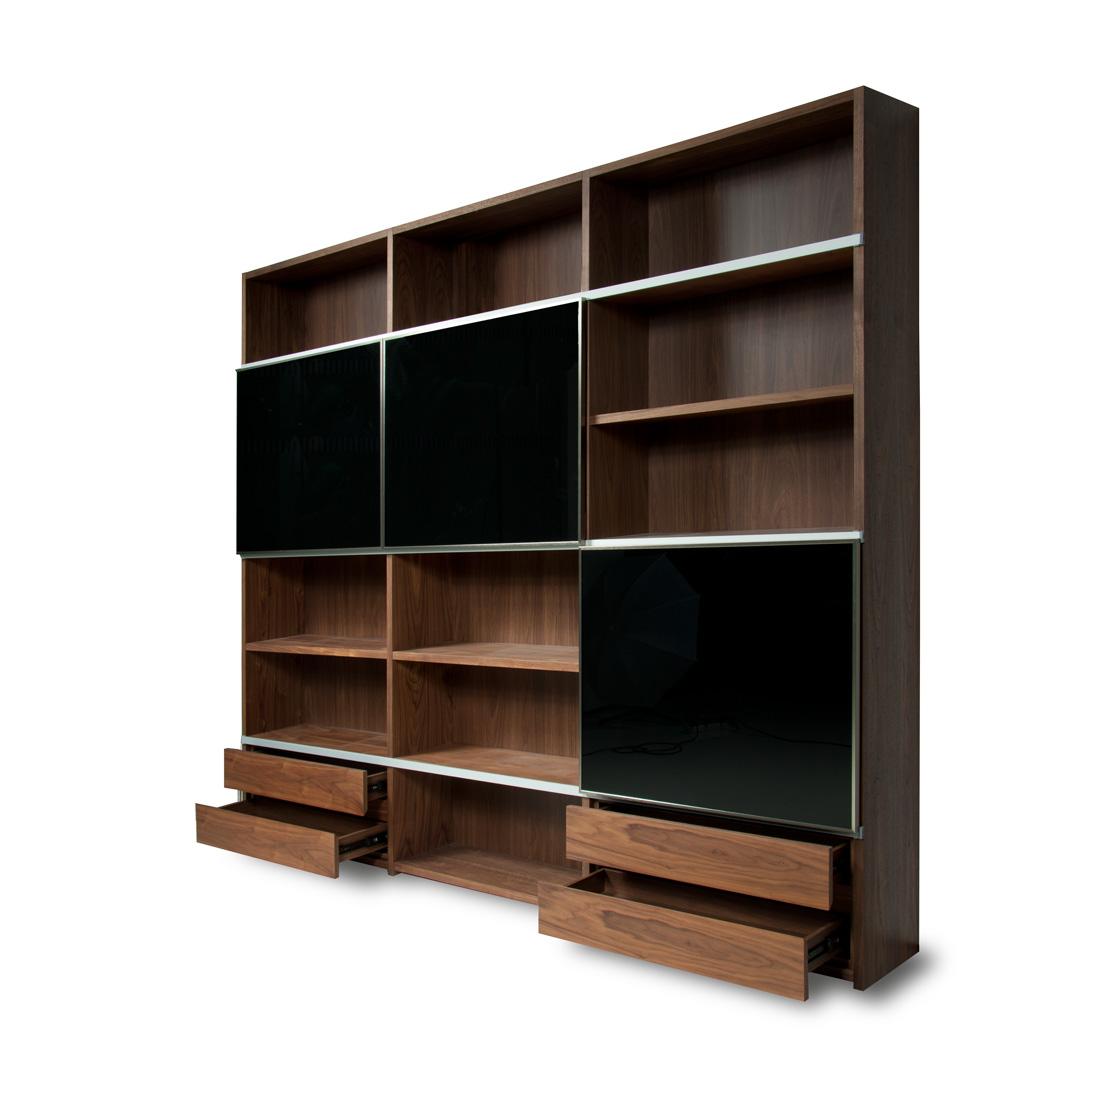 Estanter a de madera con varios compartimentos - Estanterias madera ...